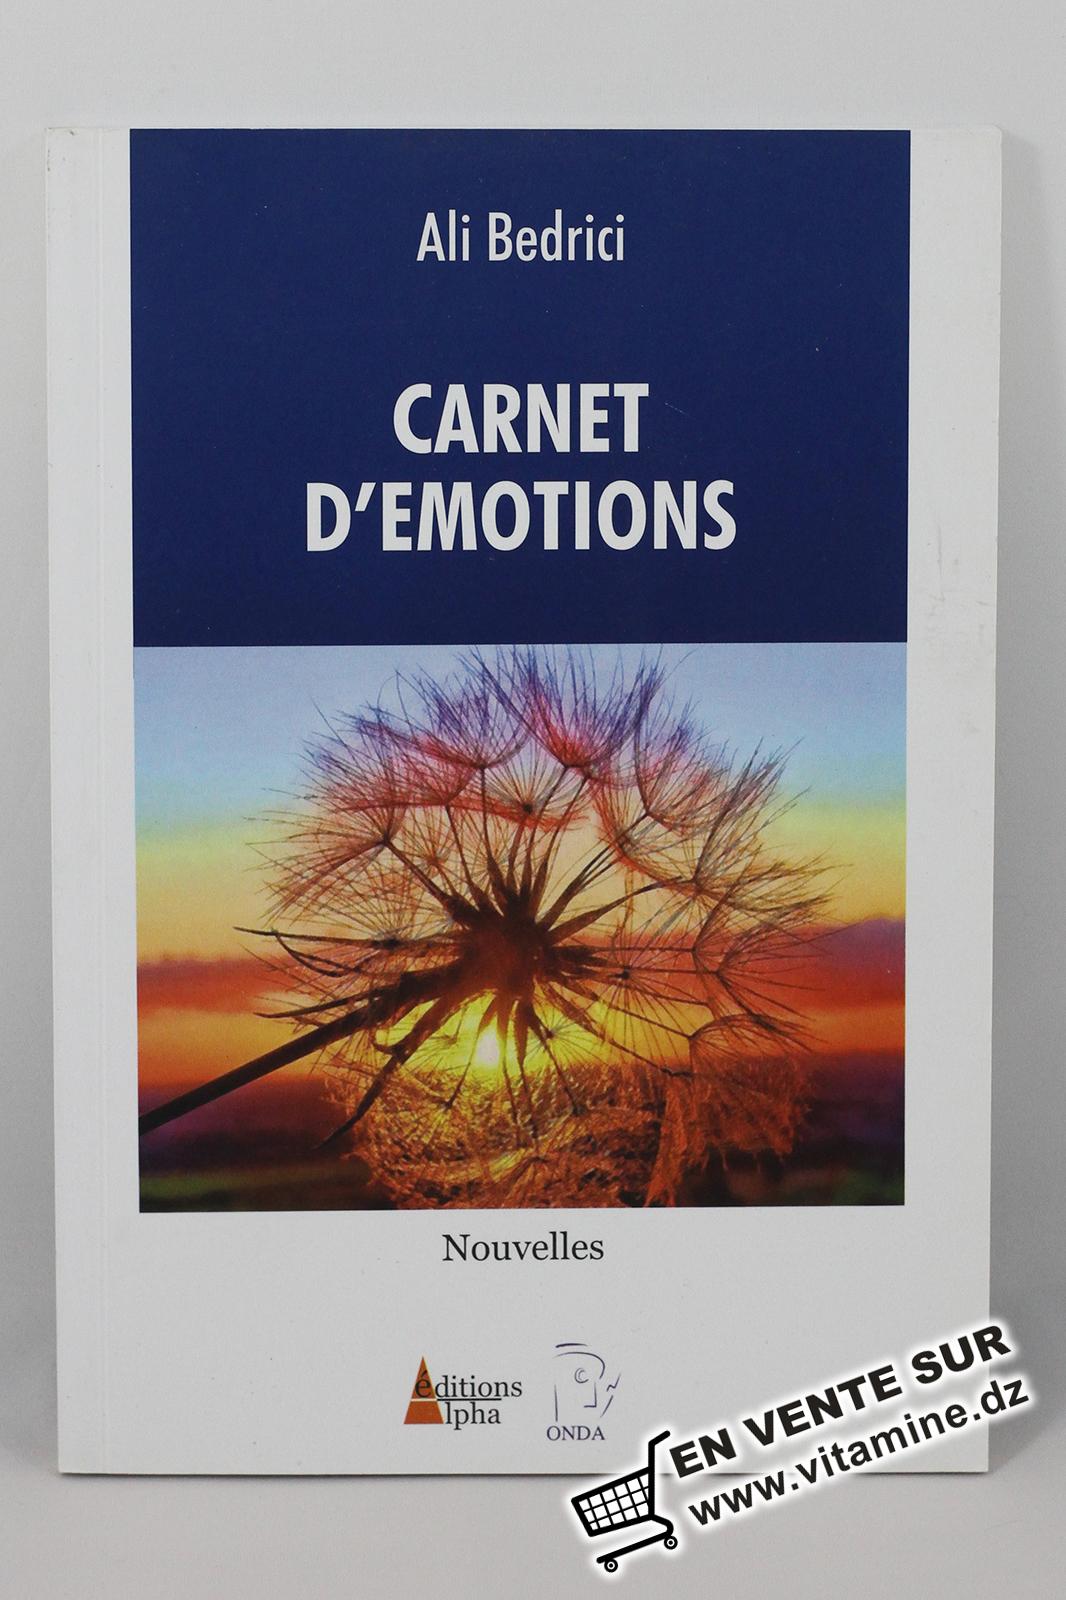 Ali Bedrici - Carnet d'Émotions